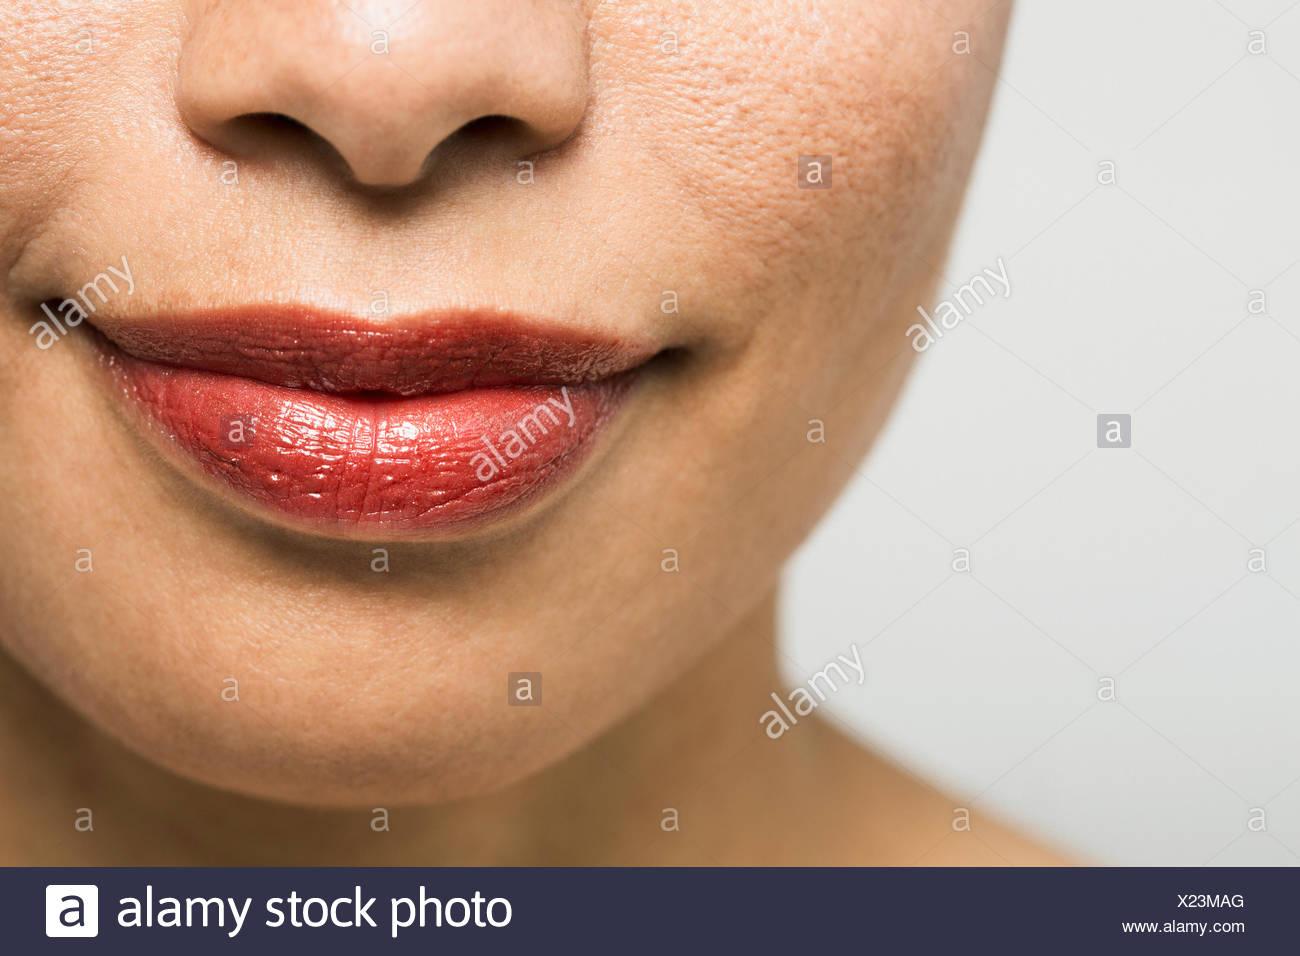 Close up ritratto di donna con rossetto rosso Immagini Stock